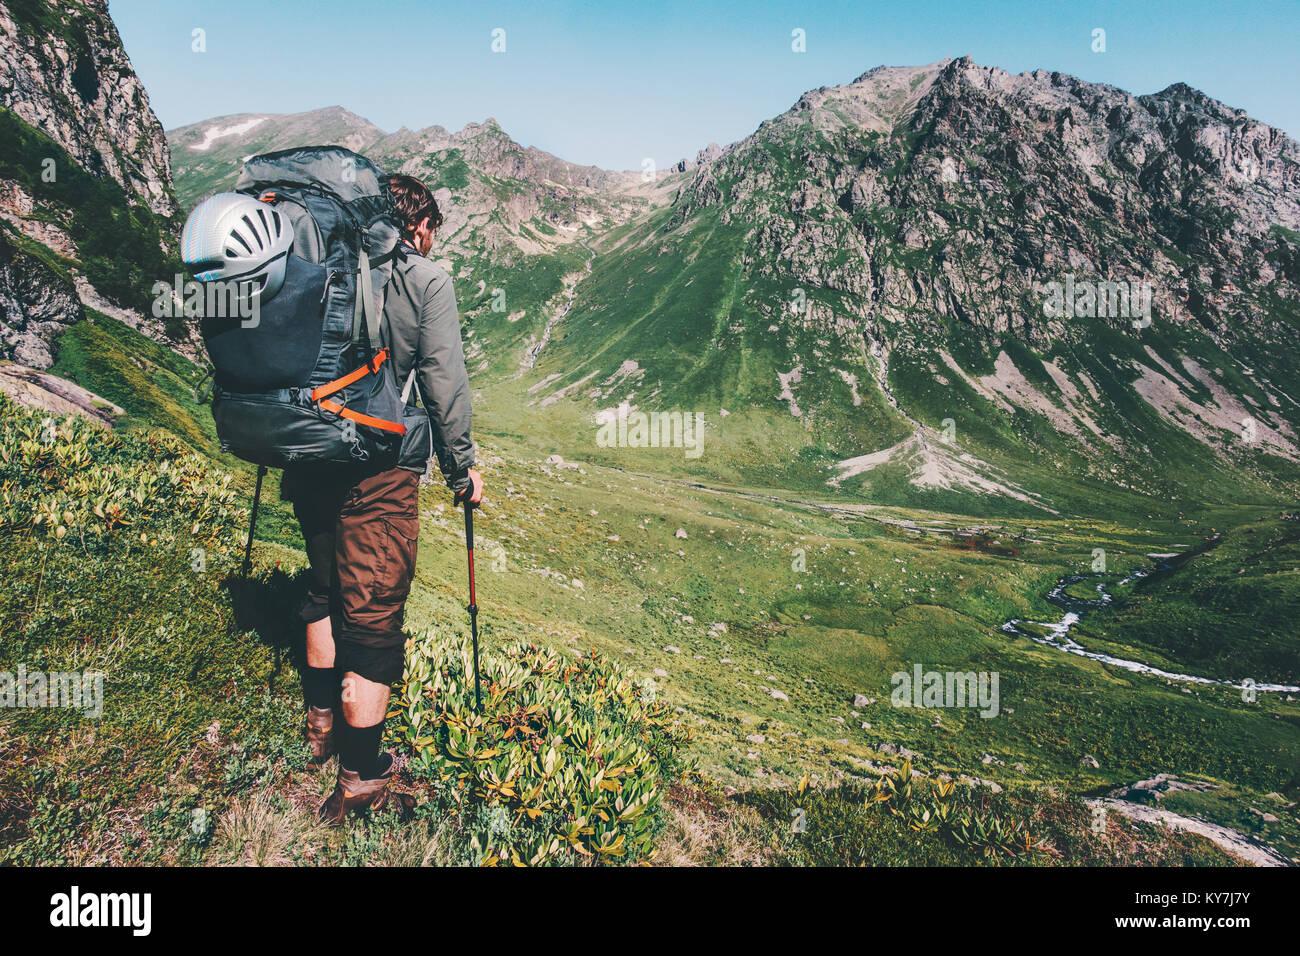 Menschen wandern in die Berge mit schweren grossen Rucksack Reisen Lifestyle Fernweh Abenteuer Konzept Sommer aktiv Stockbild